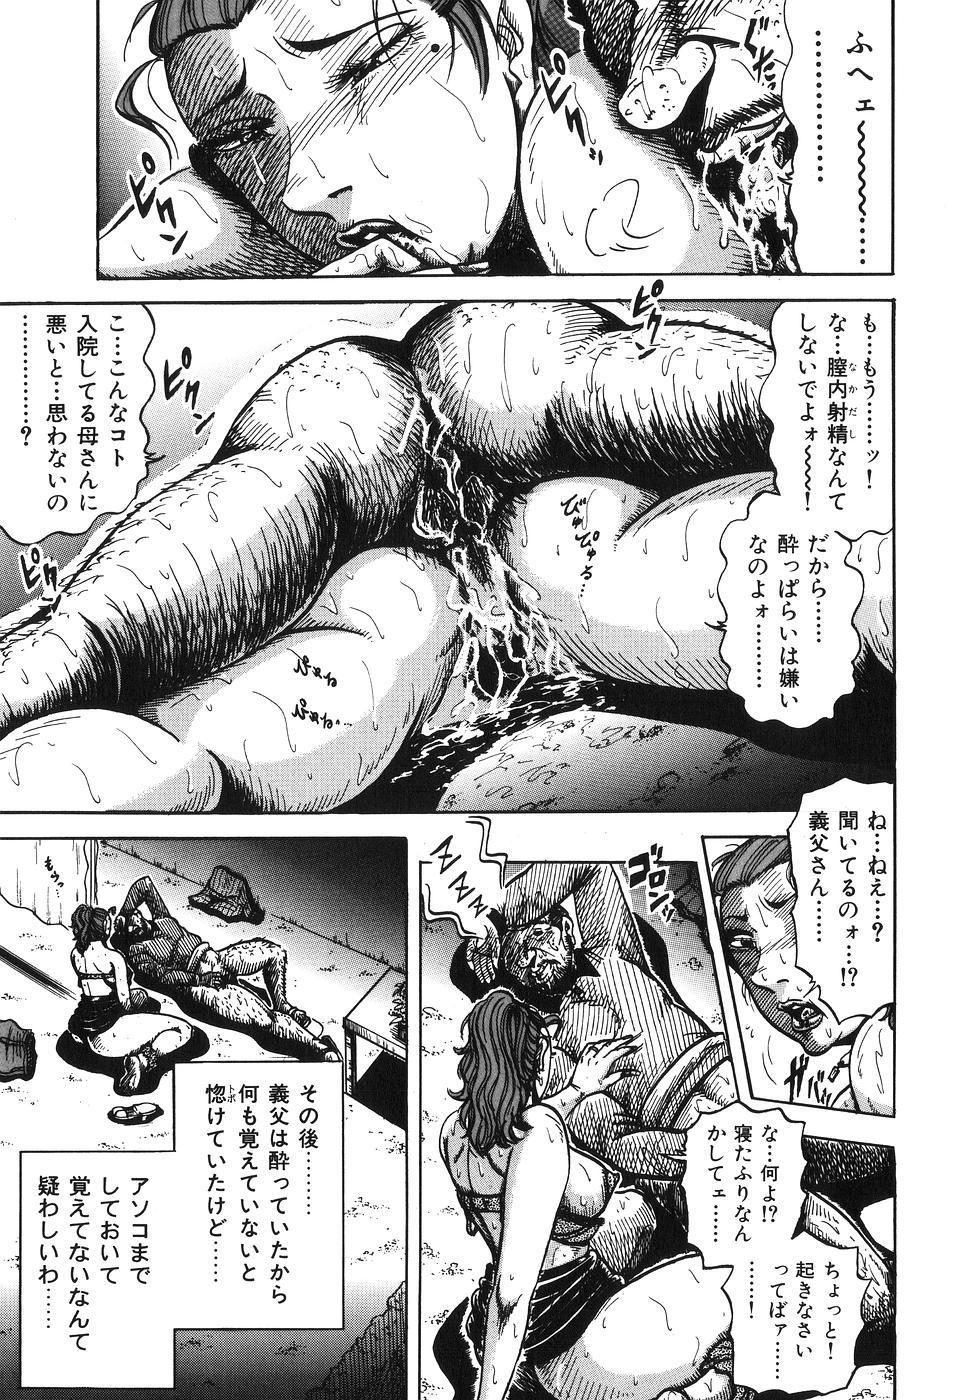 Jukubo Soukan Yosoji no Tawamure 84